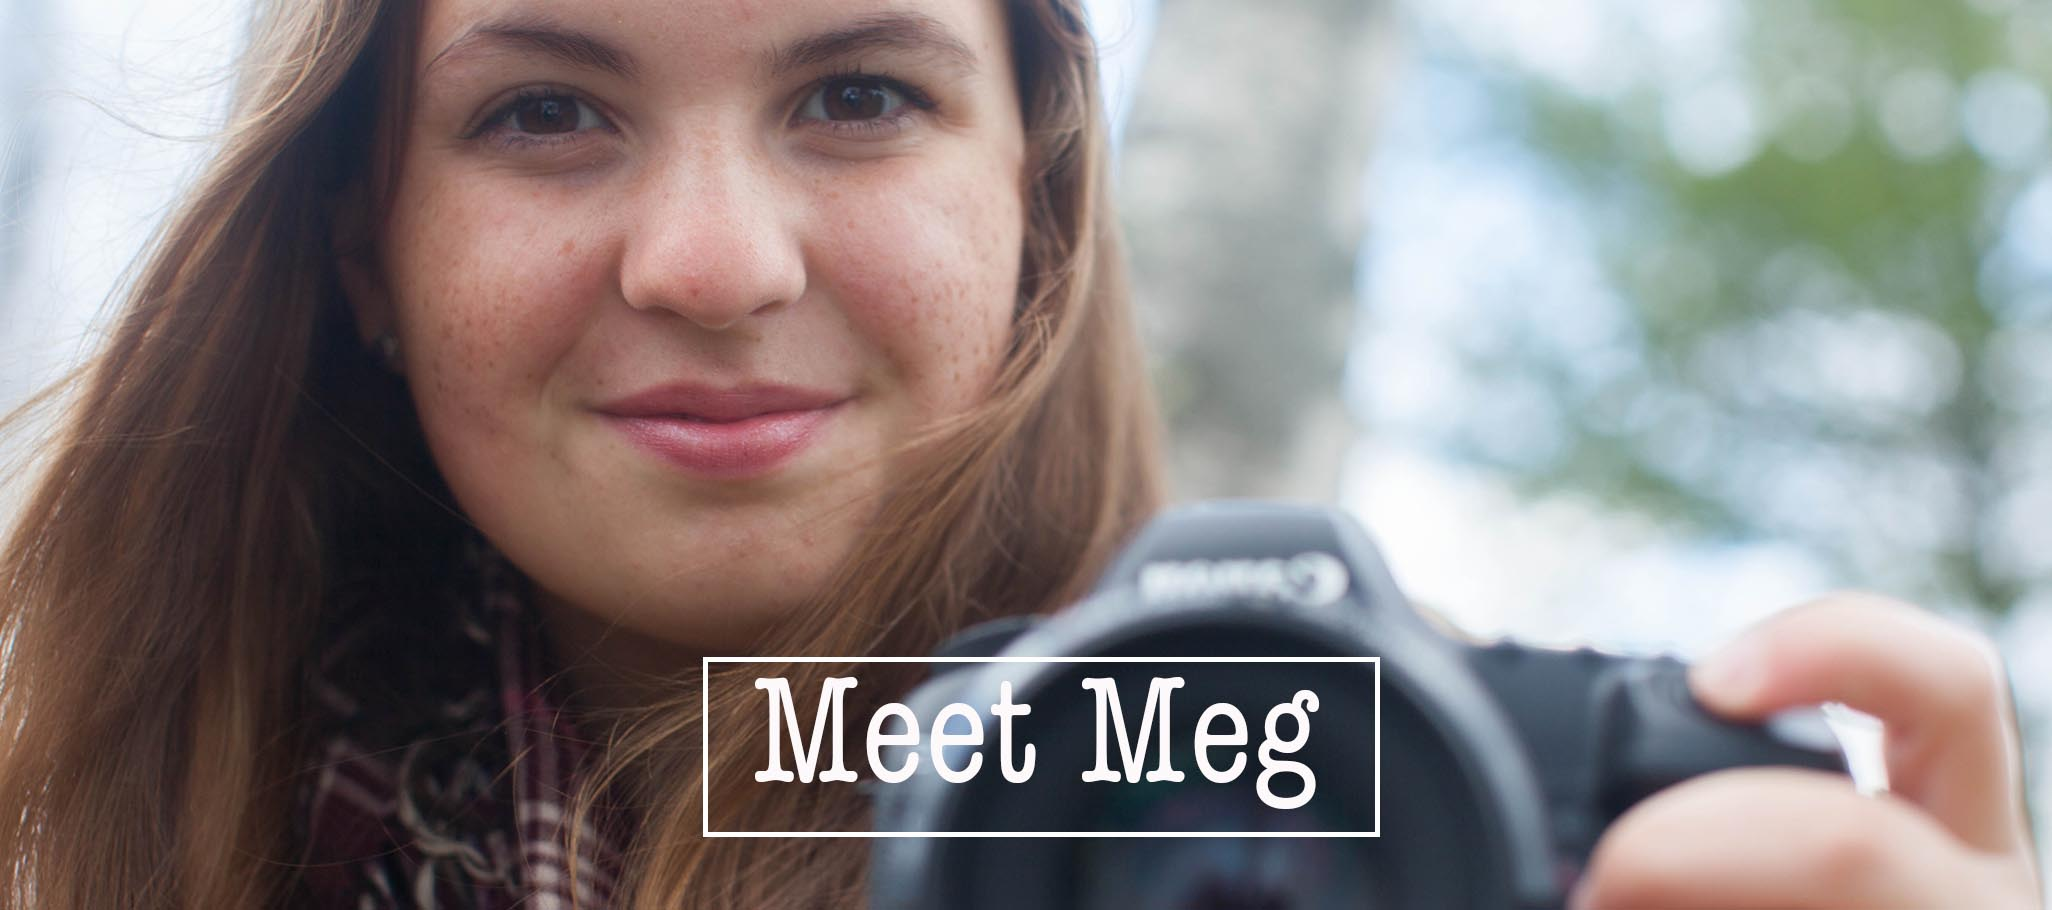 About Meg.jpg